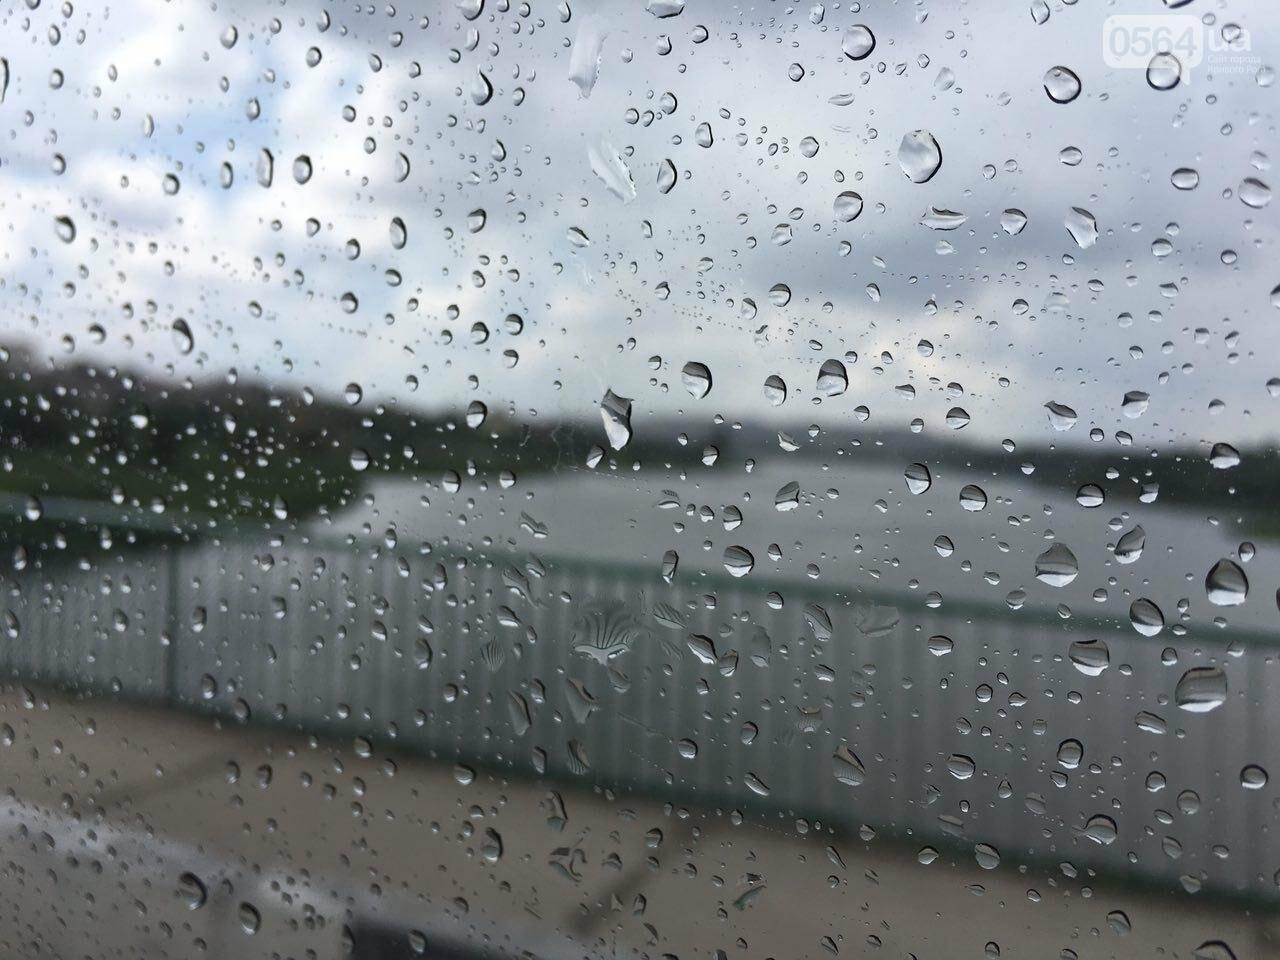 Маршрут дождя: В Кривом Роге в одних районах льет ливень, в других ярко светит солнце, - ФОТО, фото-3